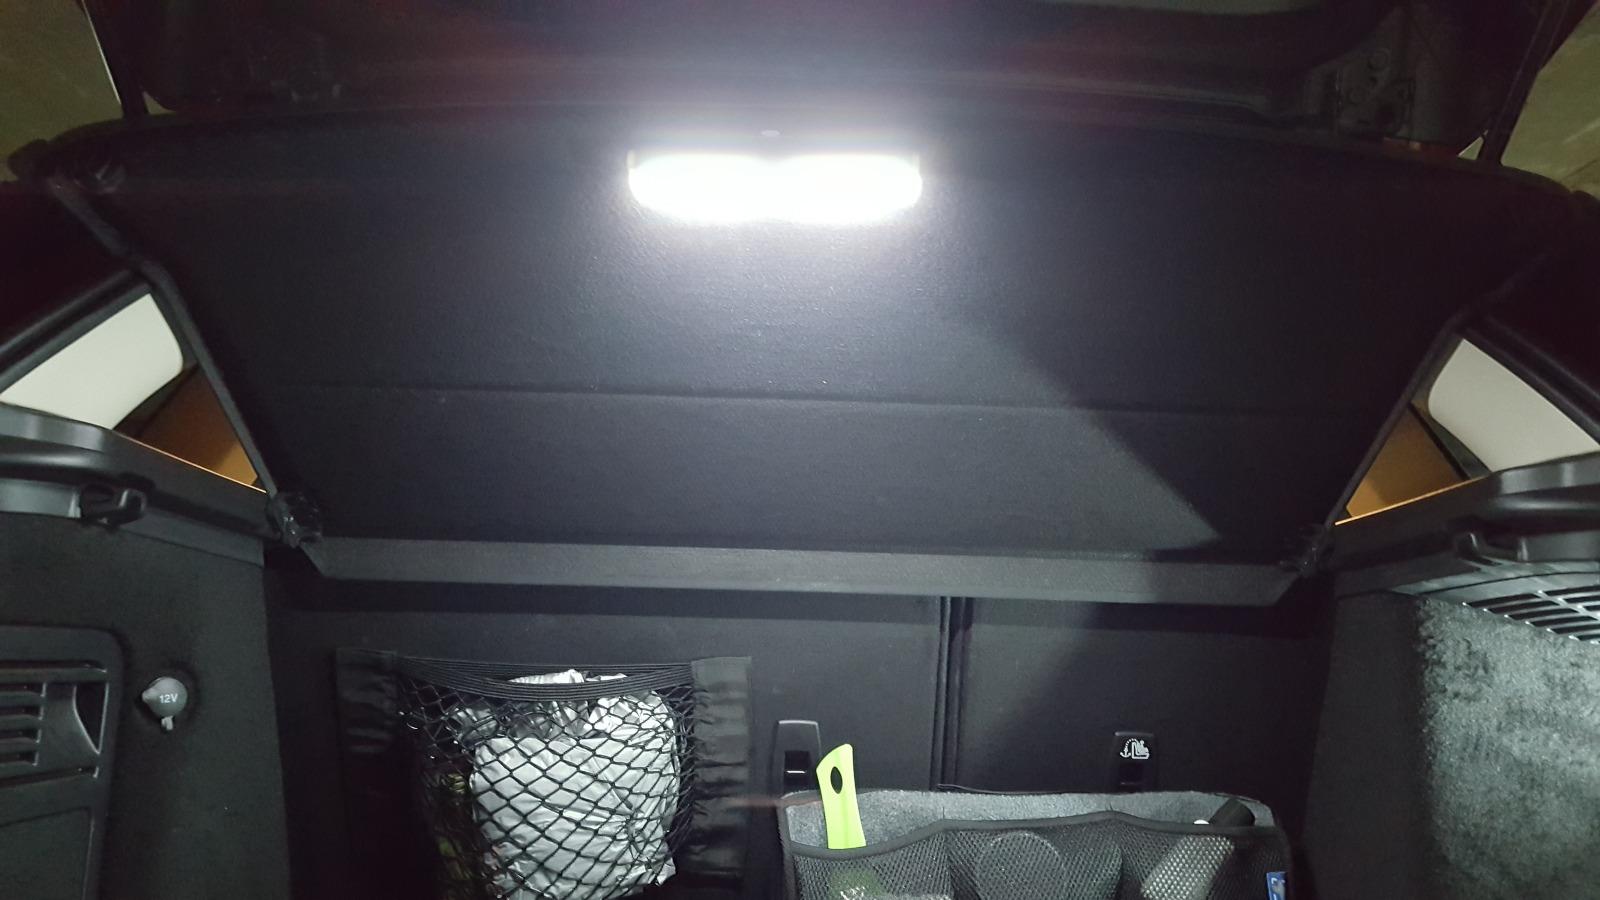 Luz extra para el maletero Wu00vd